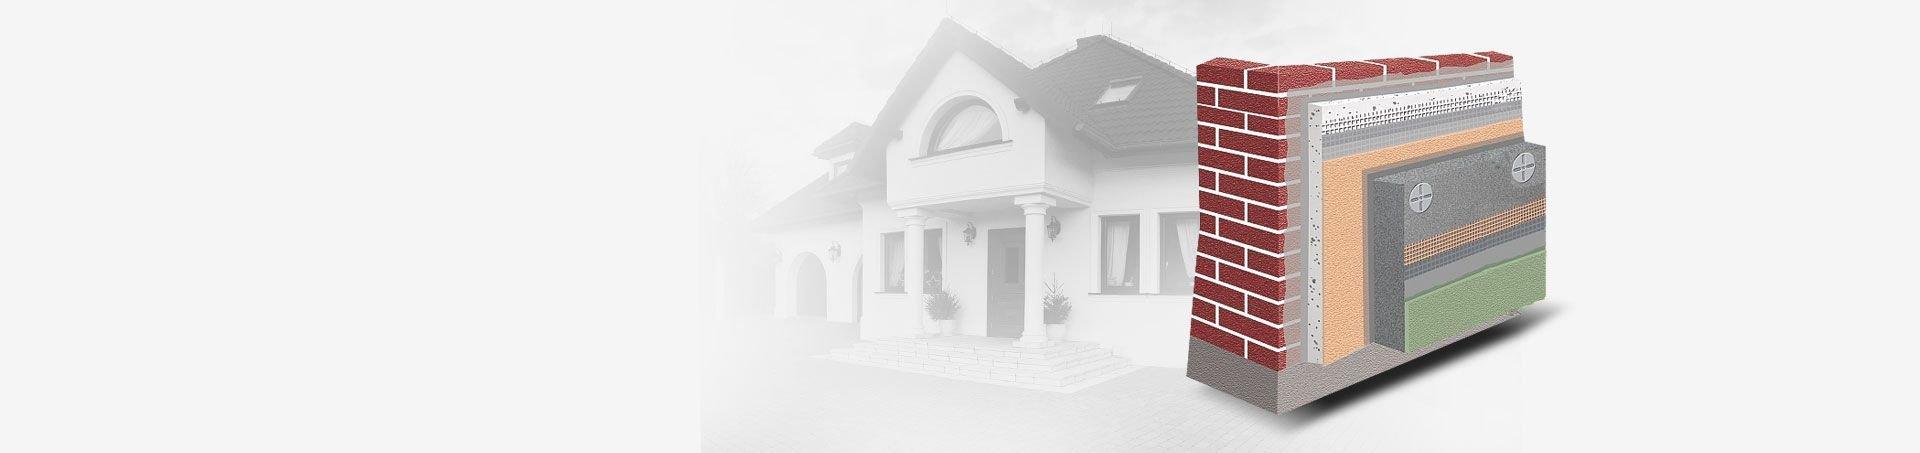 Mańka - docieplanie budynków, termoorganika